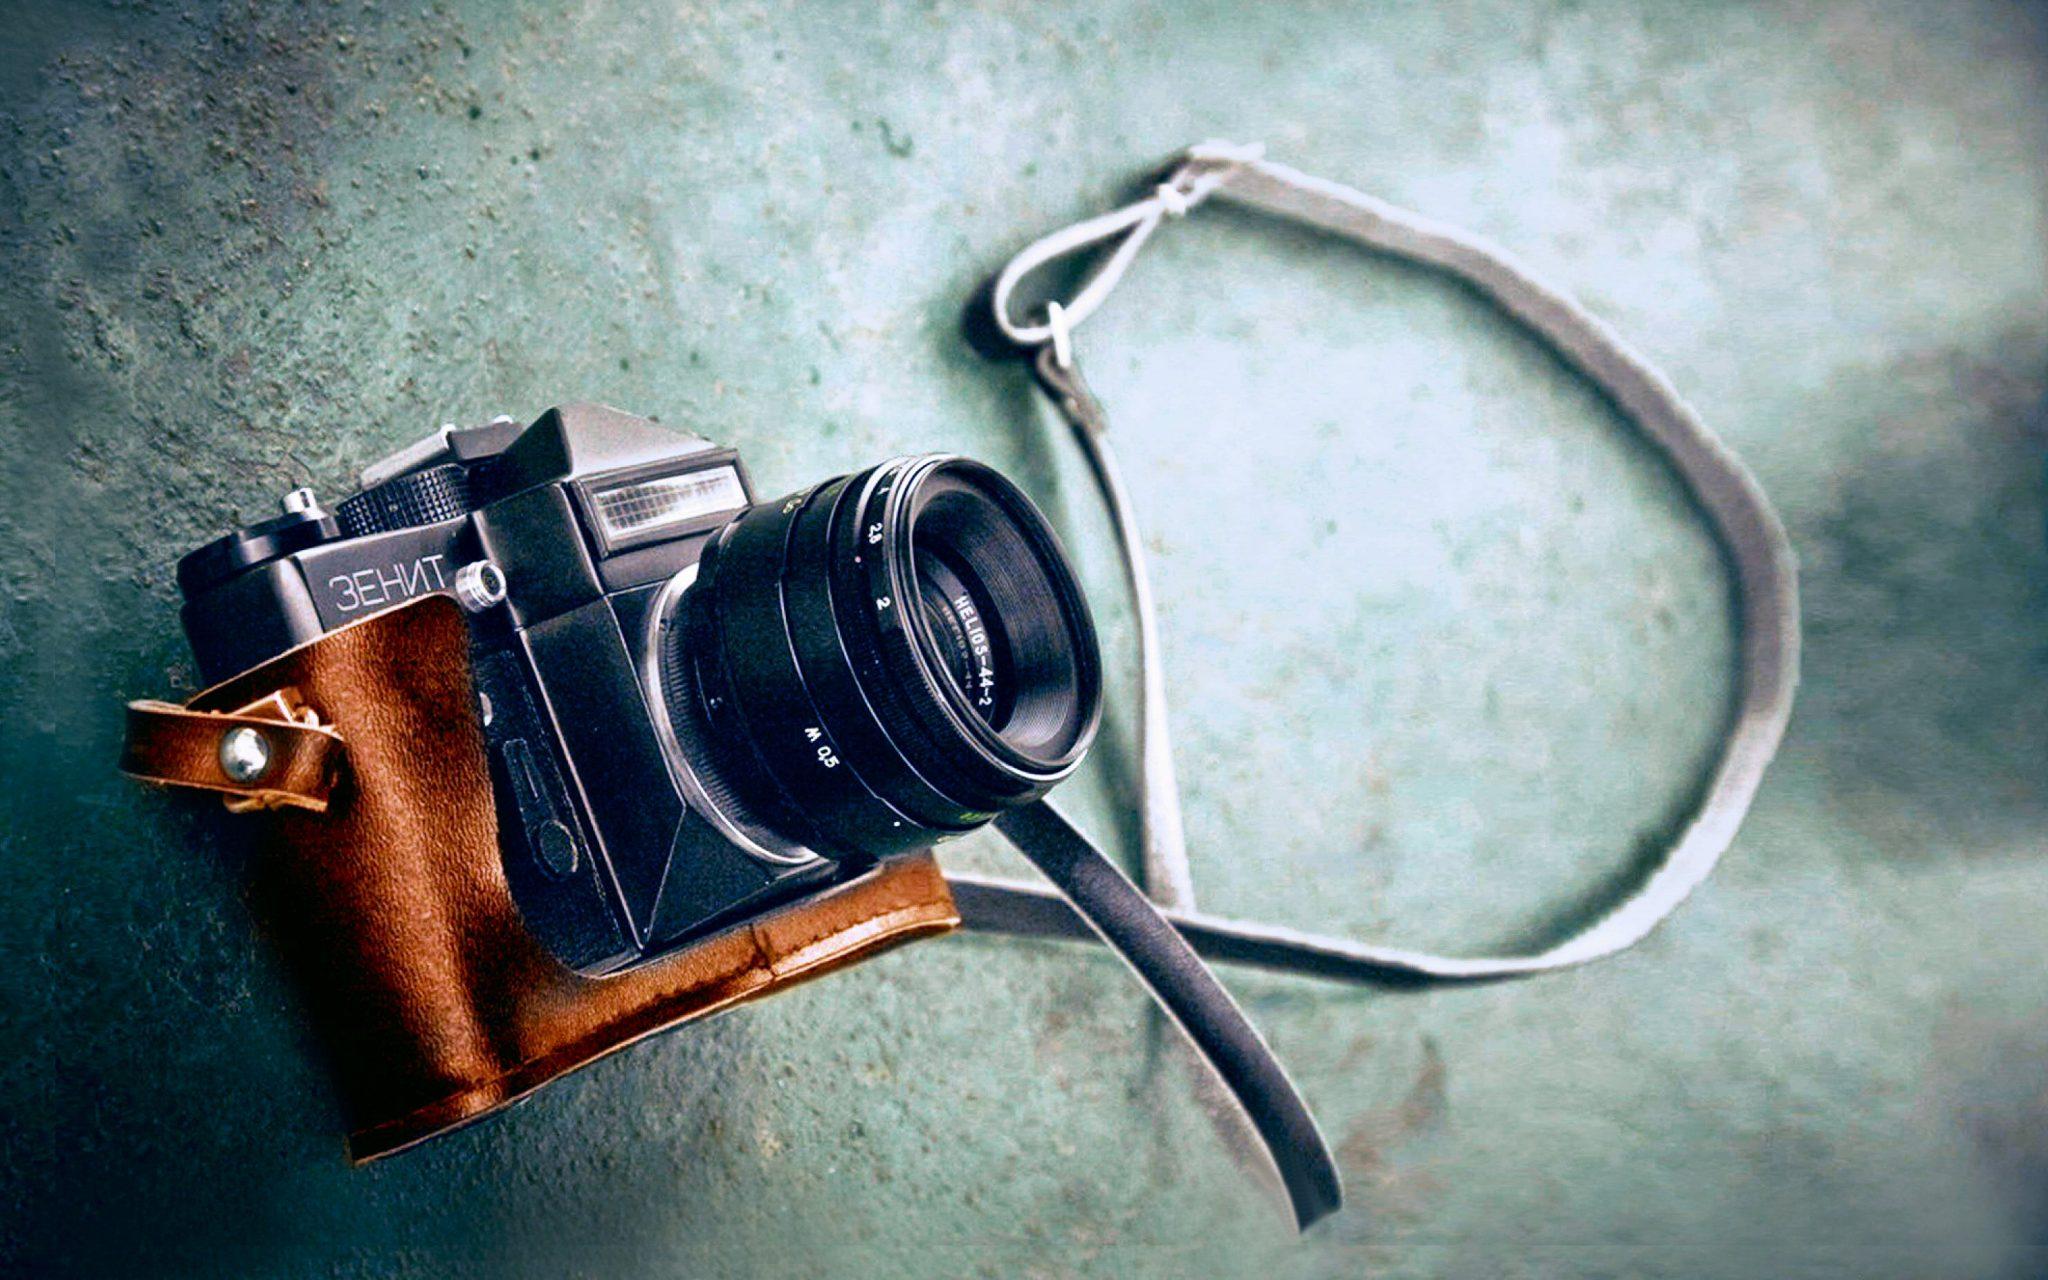 hochzeitsfotograf oder nicht? profi oder amateur? hochzeitsfotos hochzeitsfotograf hochzeitsbilder vintage kamera